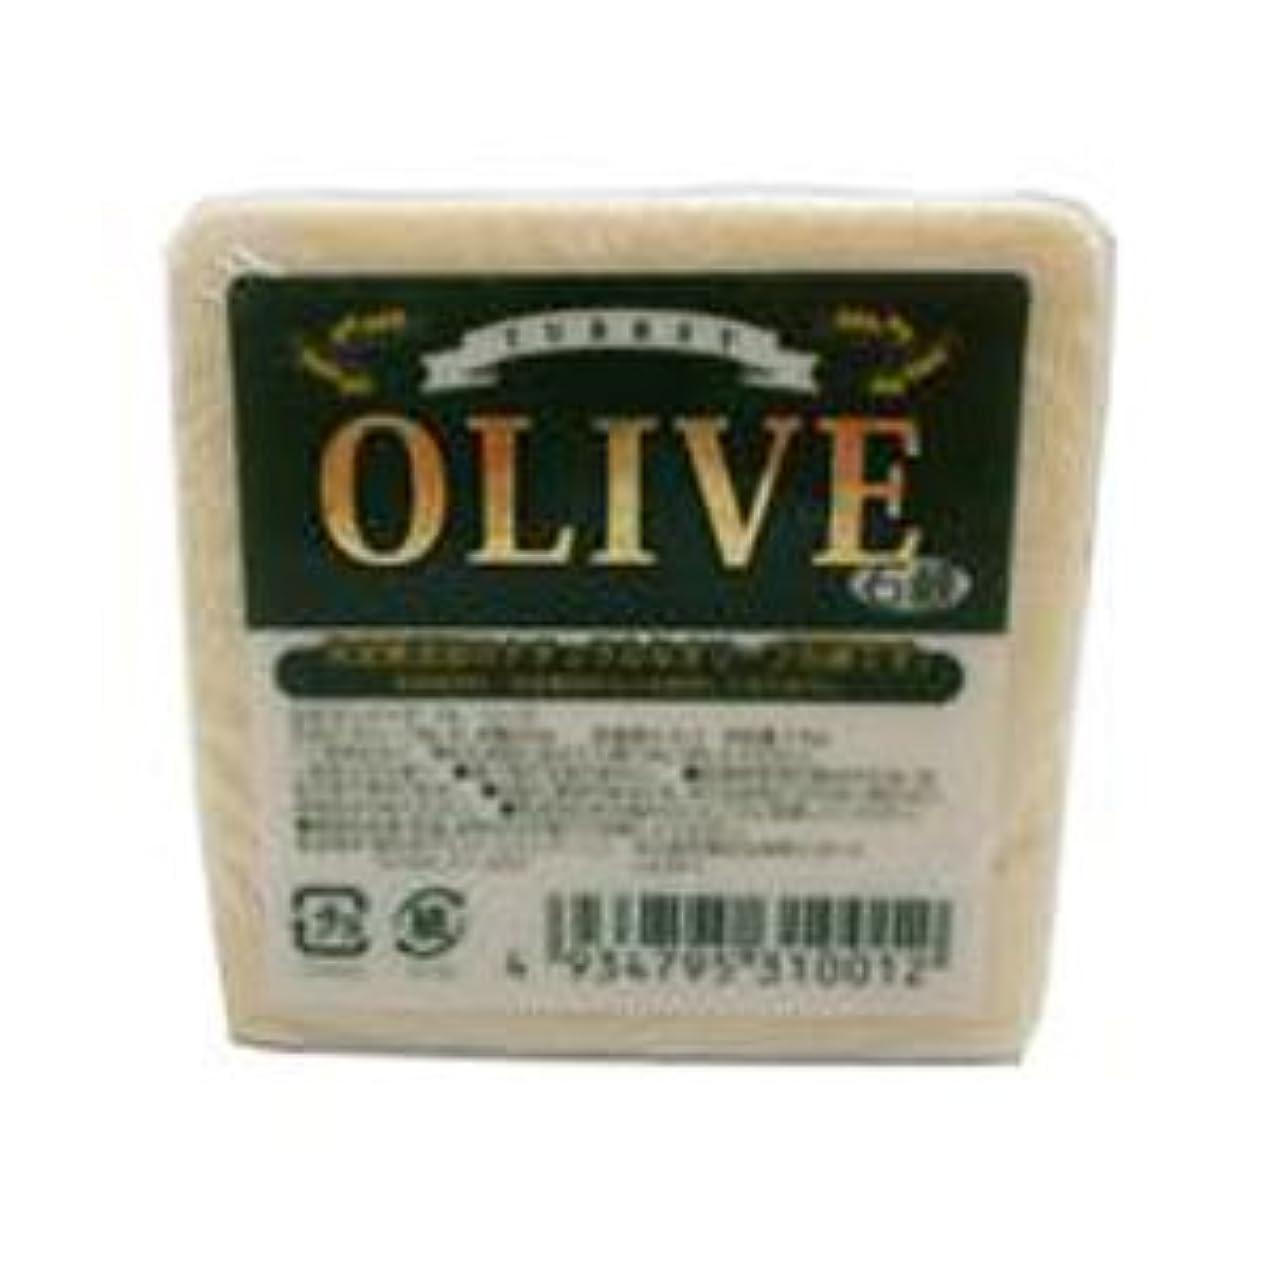 束ねる何もない現実的お得な10個セット トルコ産オリーブを使用した無添加石鹸 ターキーオリーブ石鹸 135g